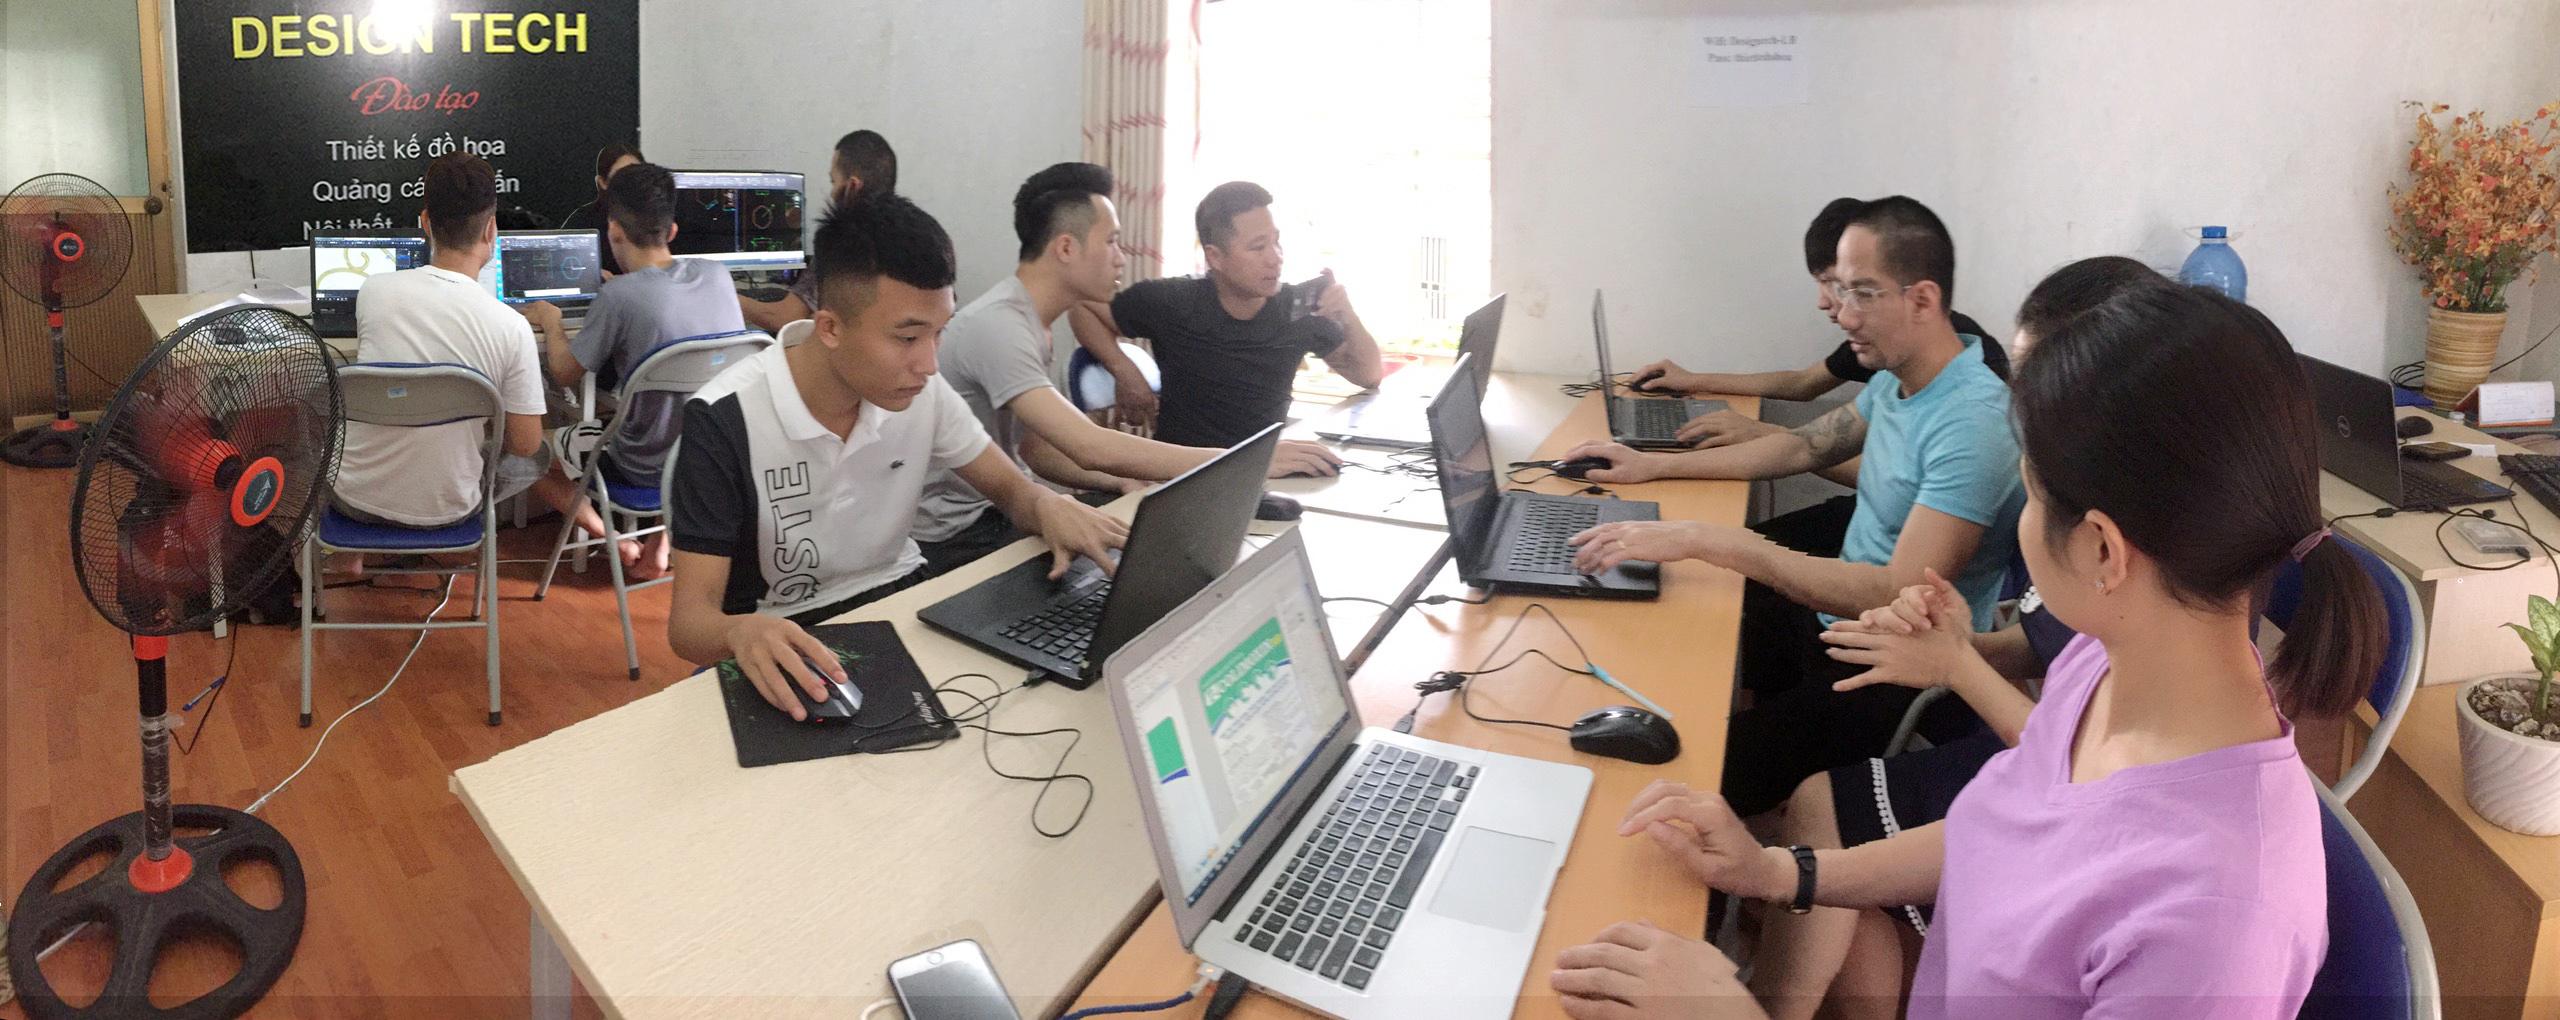 Học xử lý ảnh bằng photoshop tại Hà Nội